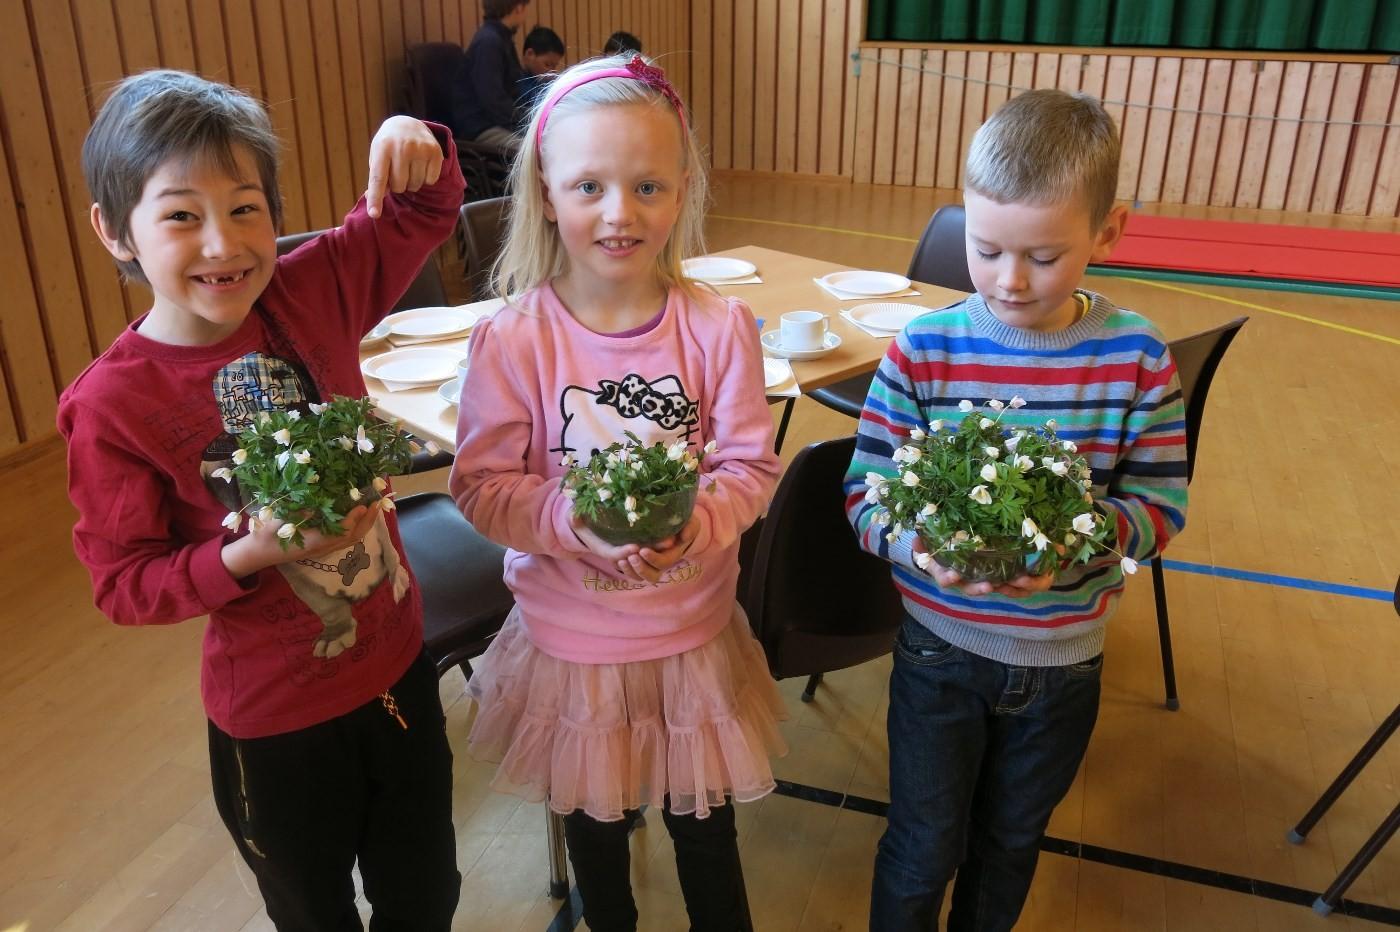 Førsteklassingane Hallvard, Maria og Tor Asbjørn hadde pukka kvitsymre for å pynte borda.  Foto: Dordi Jorunn Halle